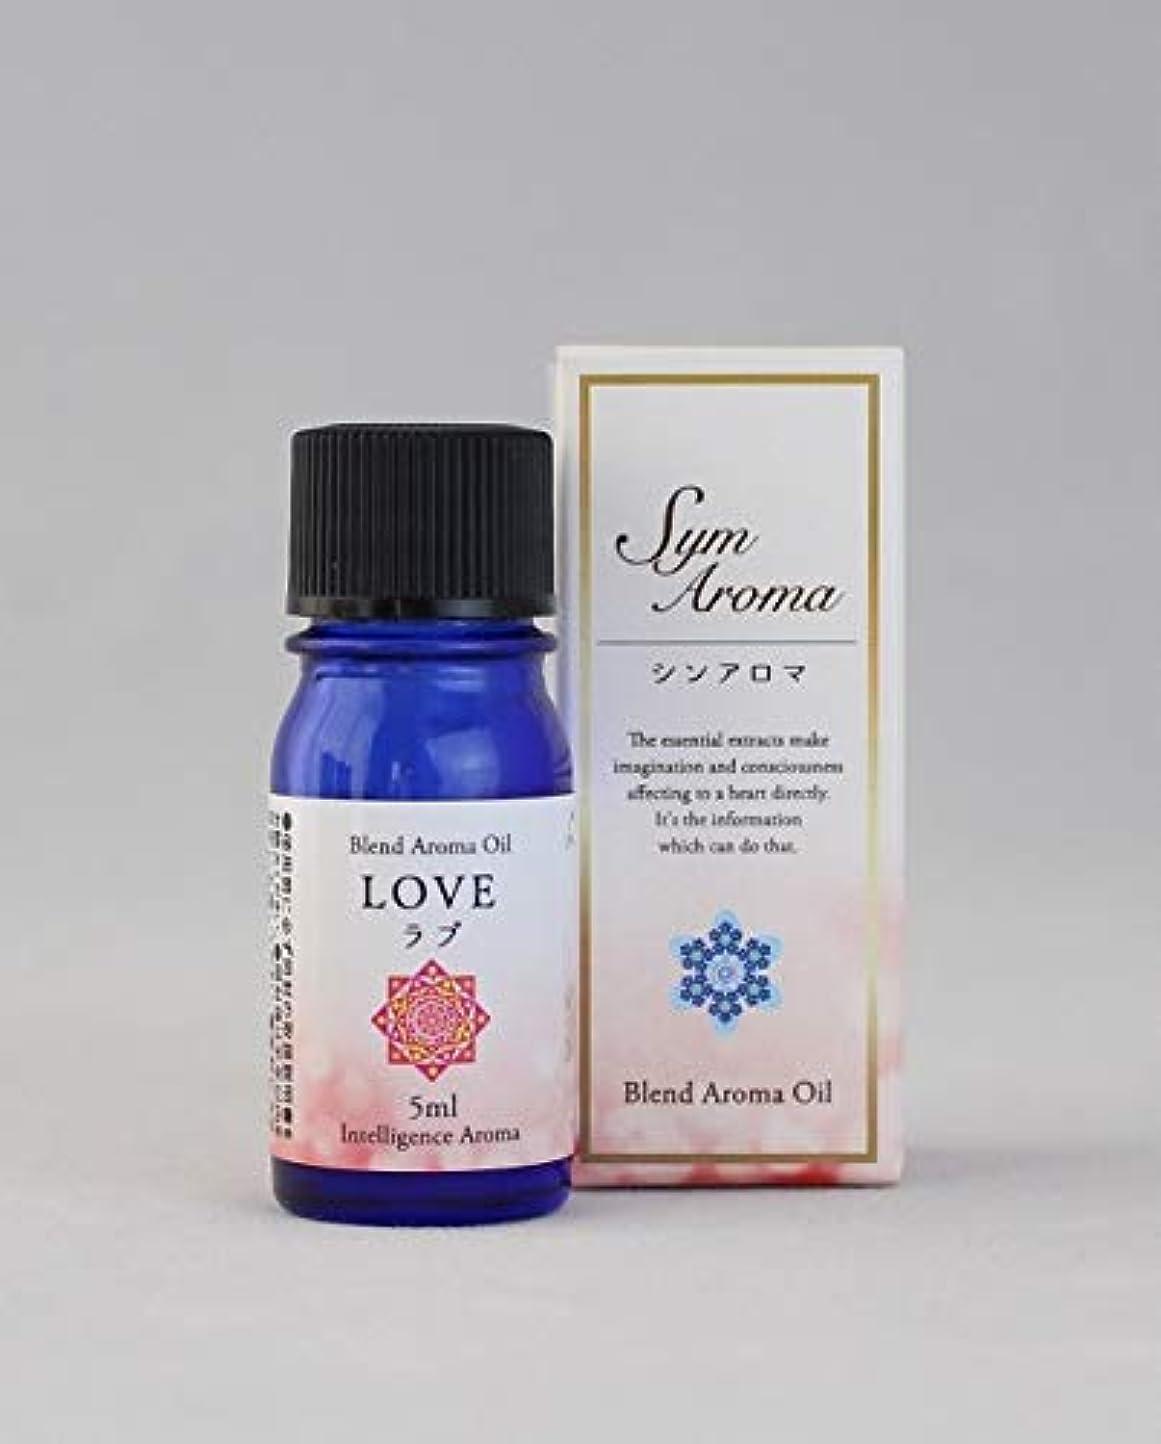 勇気上にトランペットシンアロマ LOVE(ラブ)5ml ブレンドアロマオイル